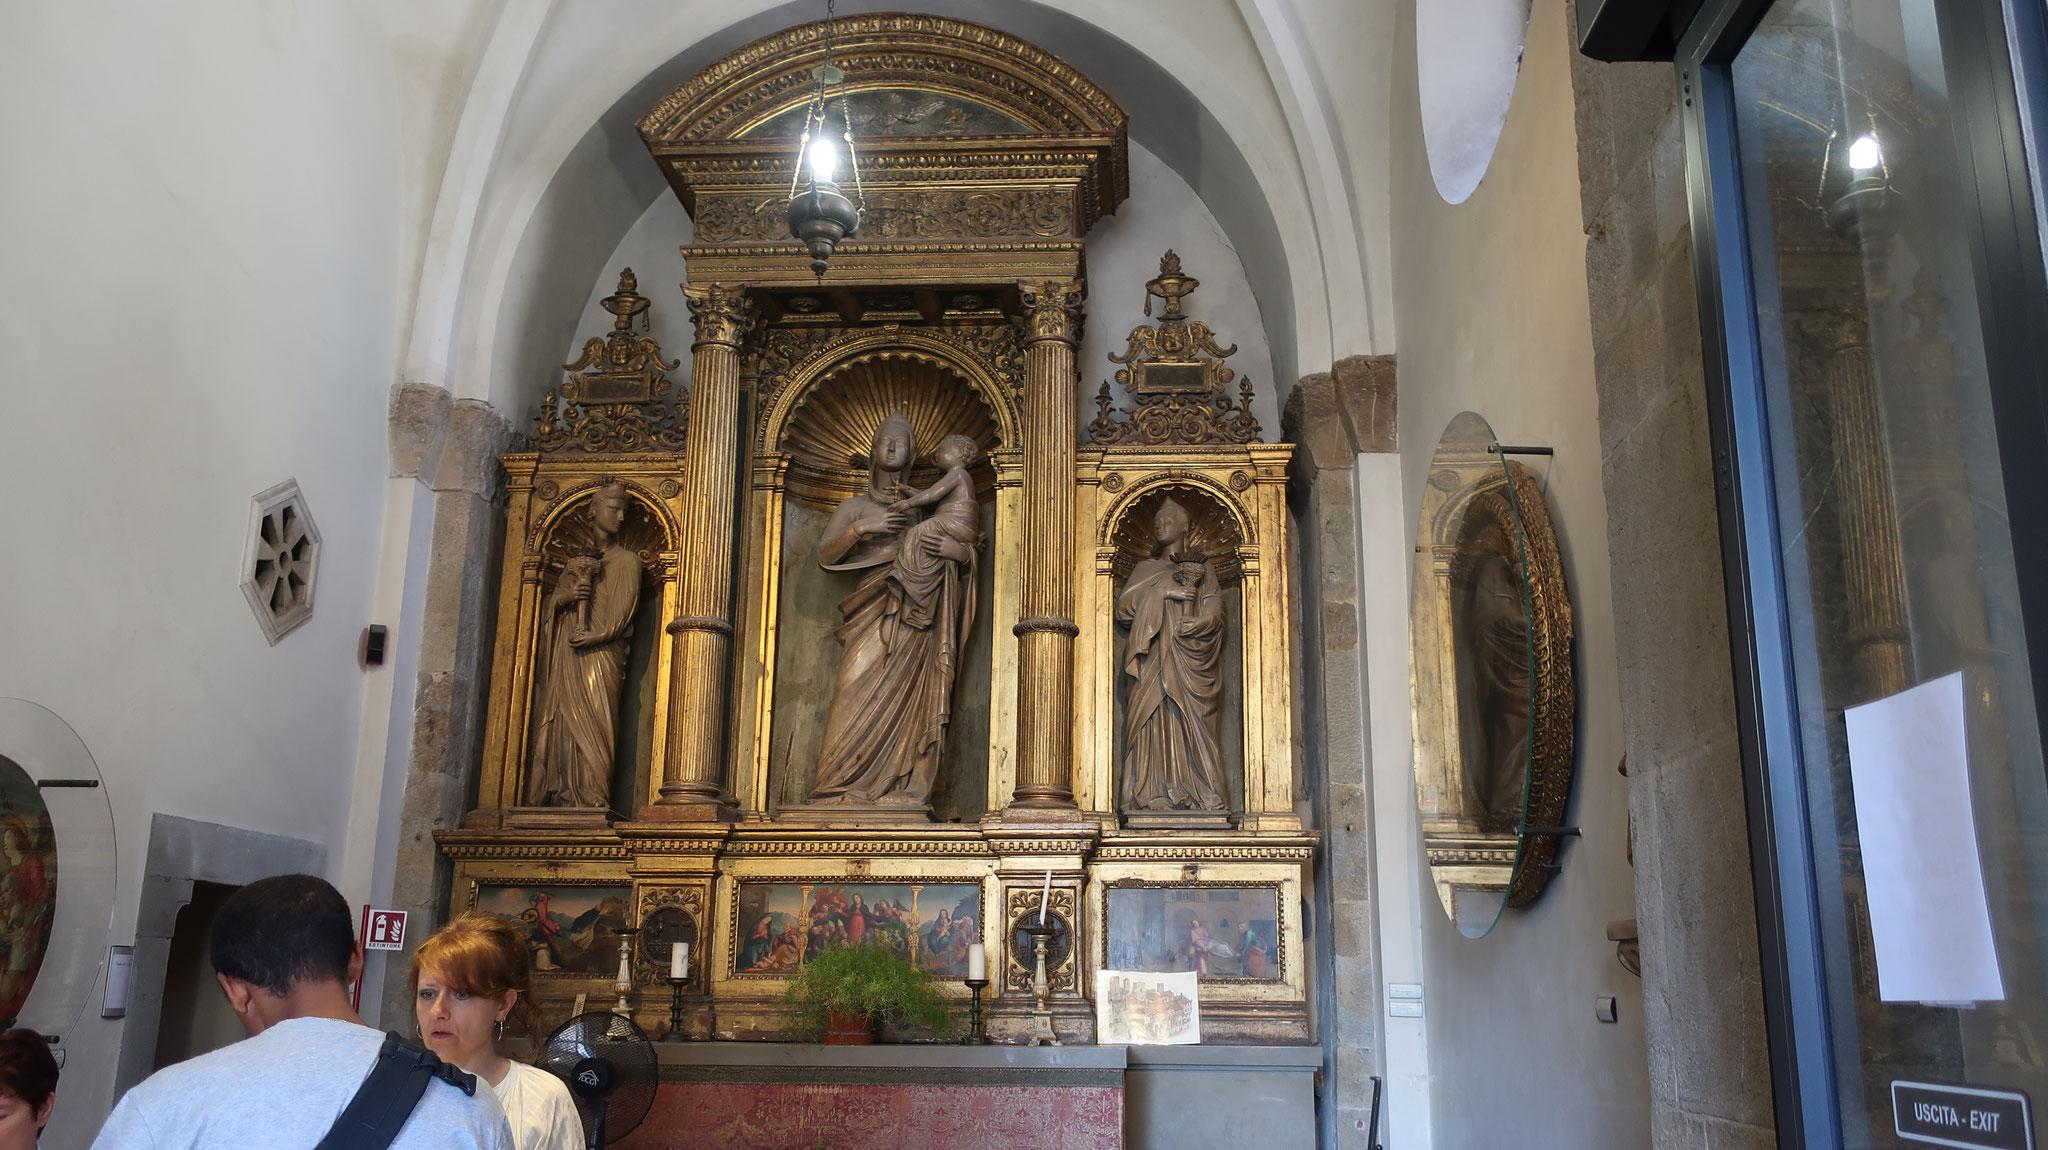 ビガッロの祭壇。アルベルト・アモルディ「聖母子」。